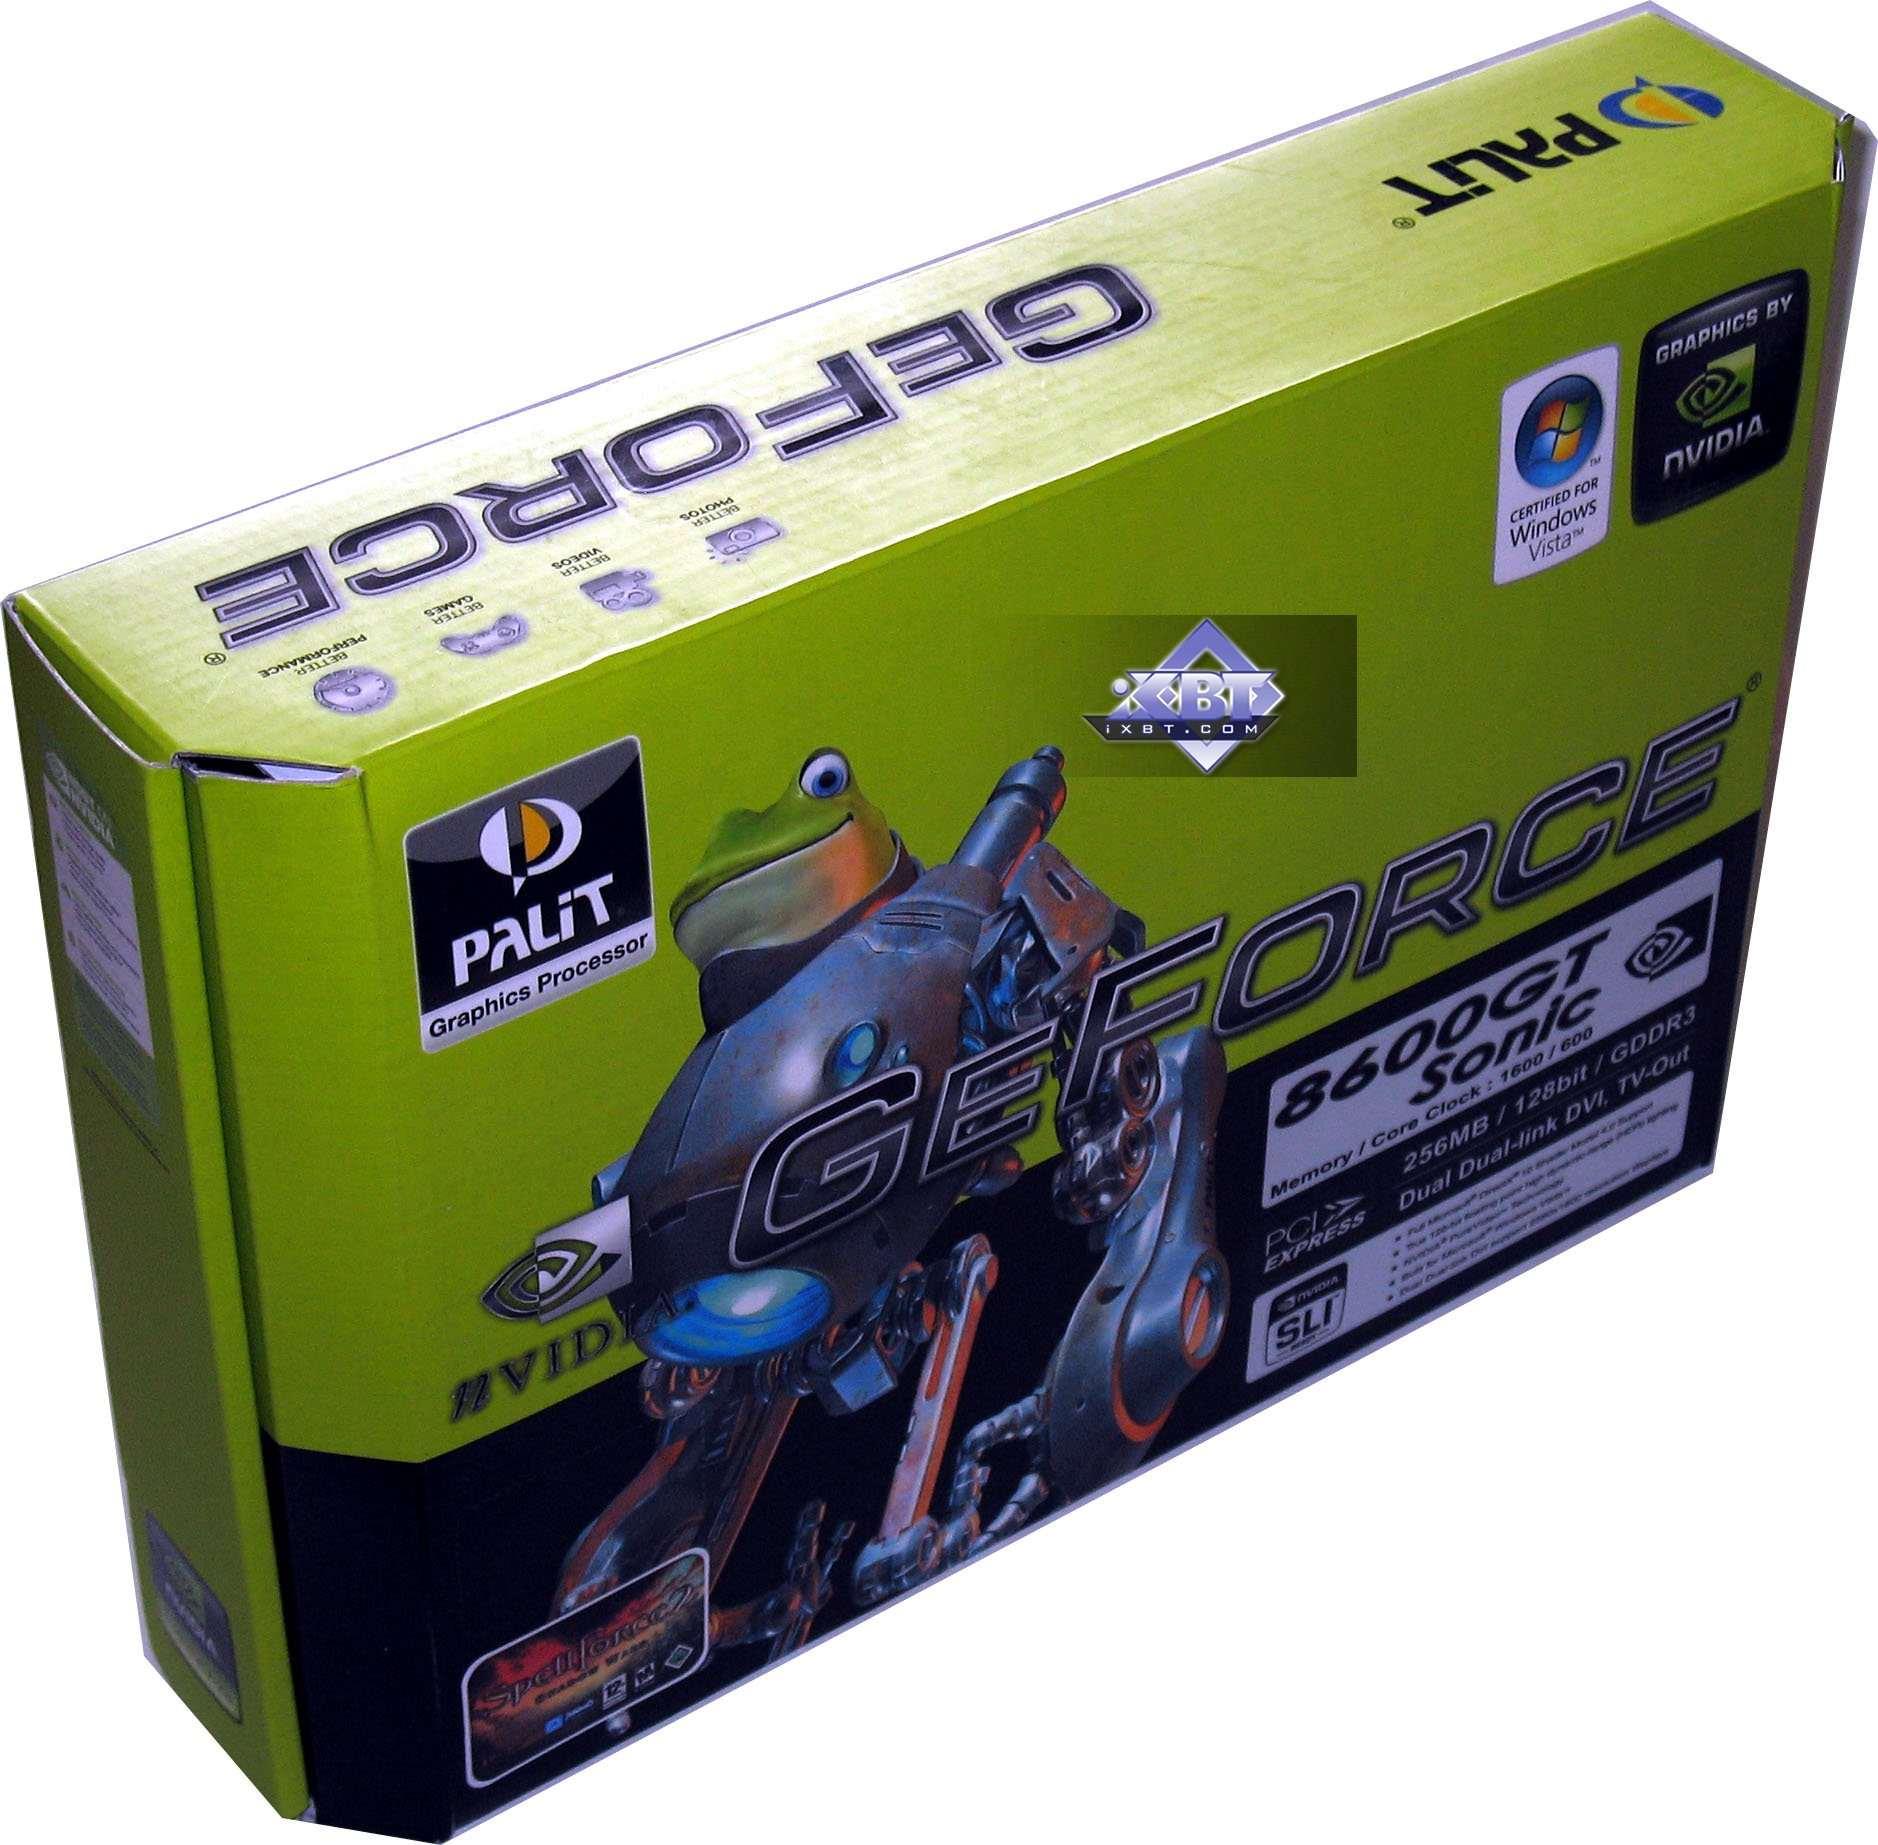 nvidia драйвера скачать для windows xp gtx-450